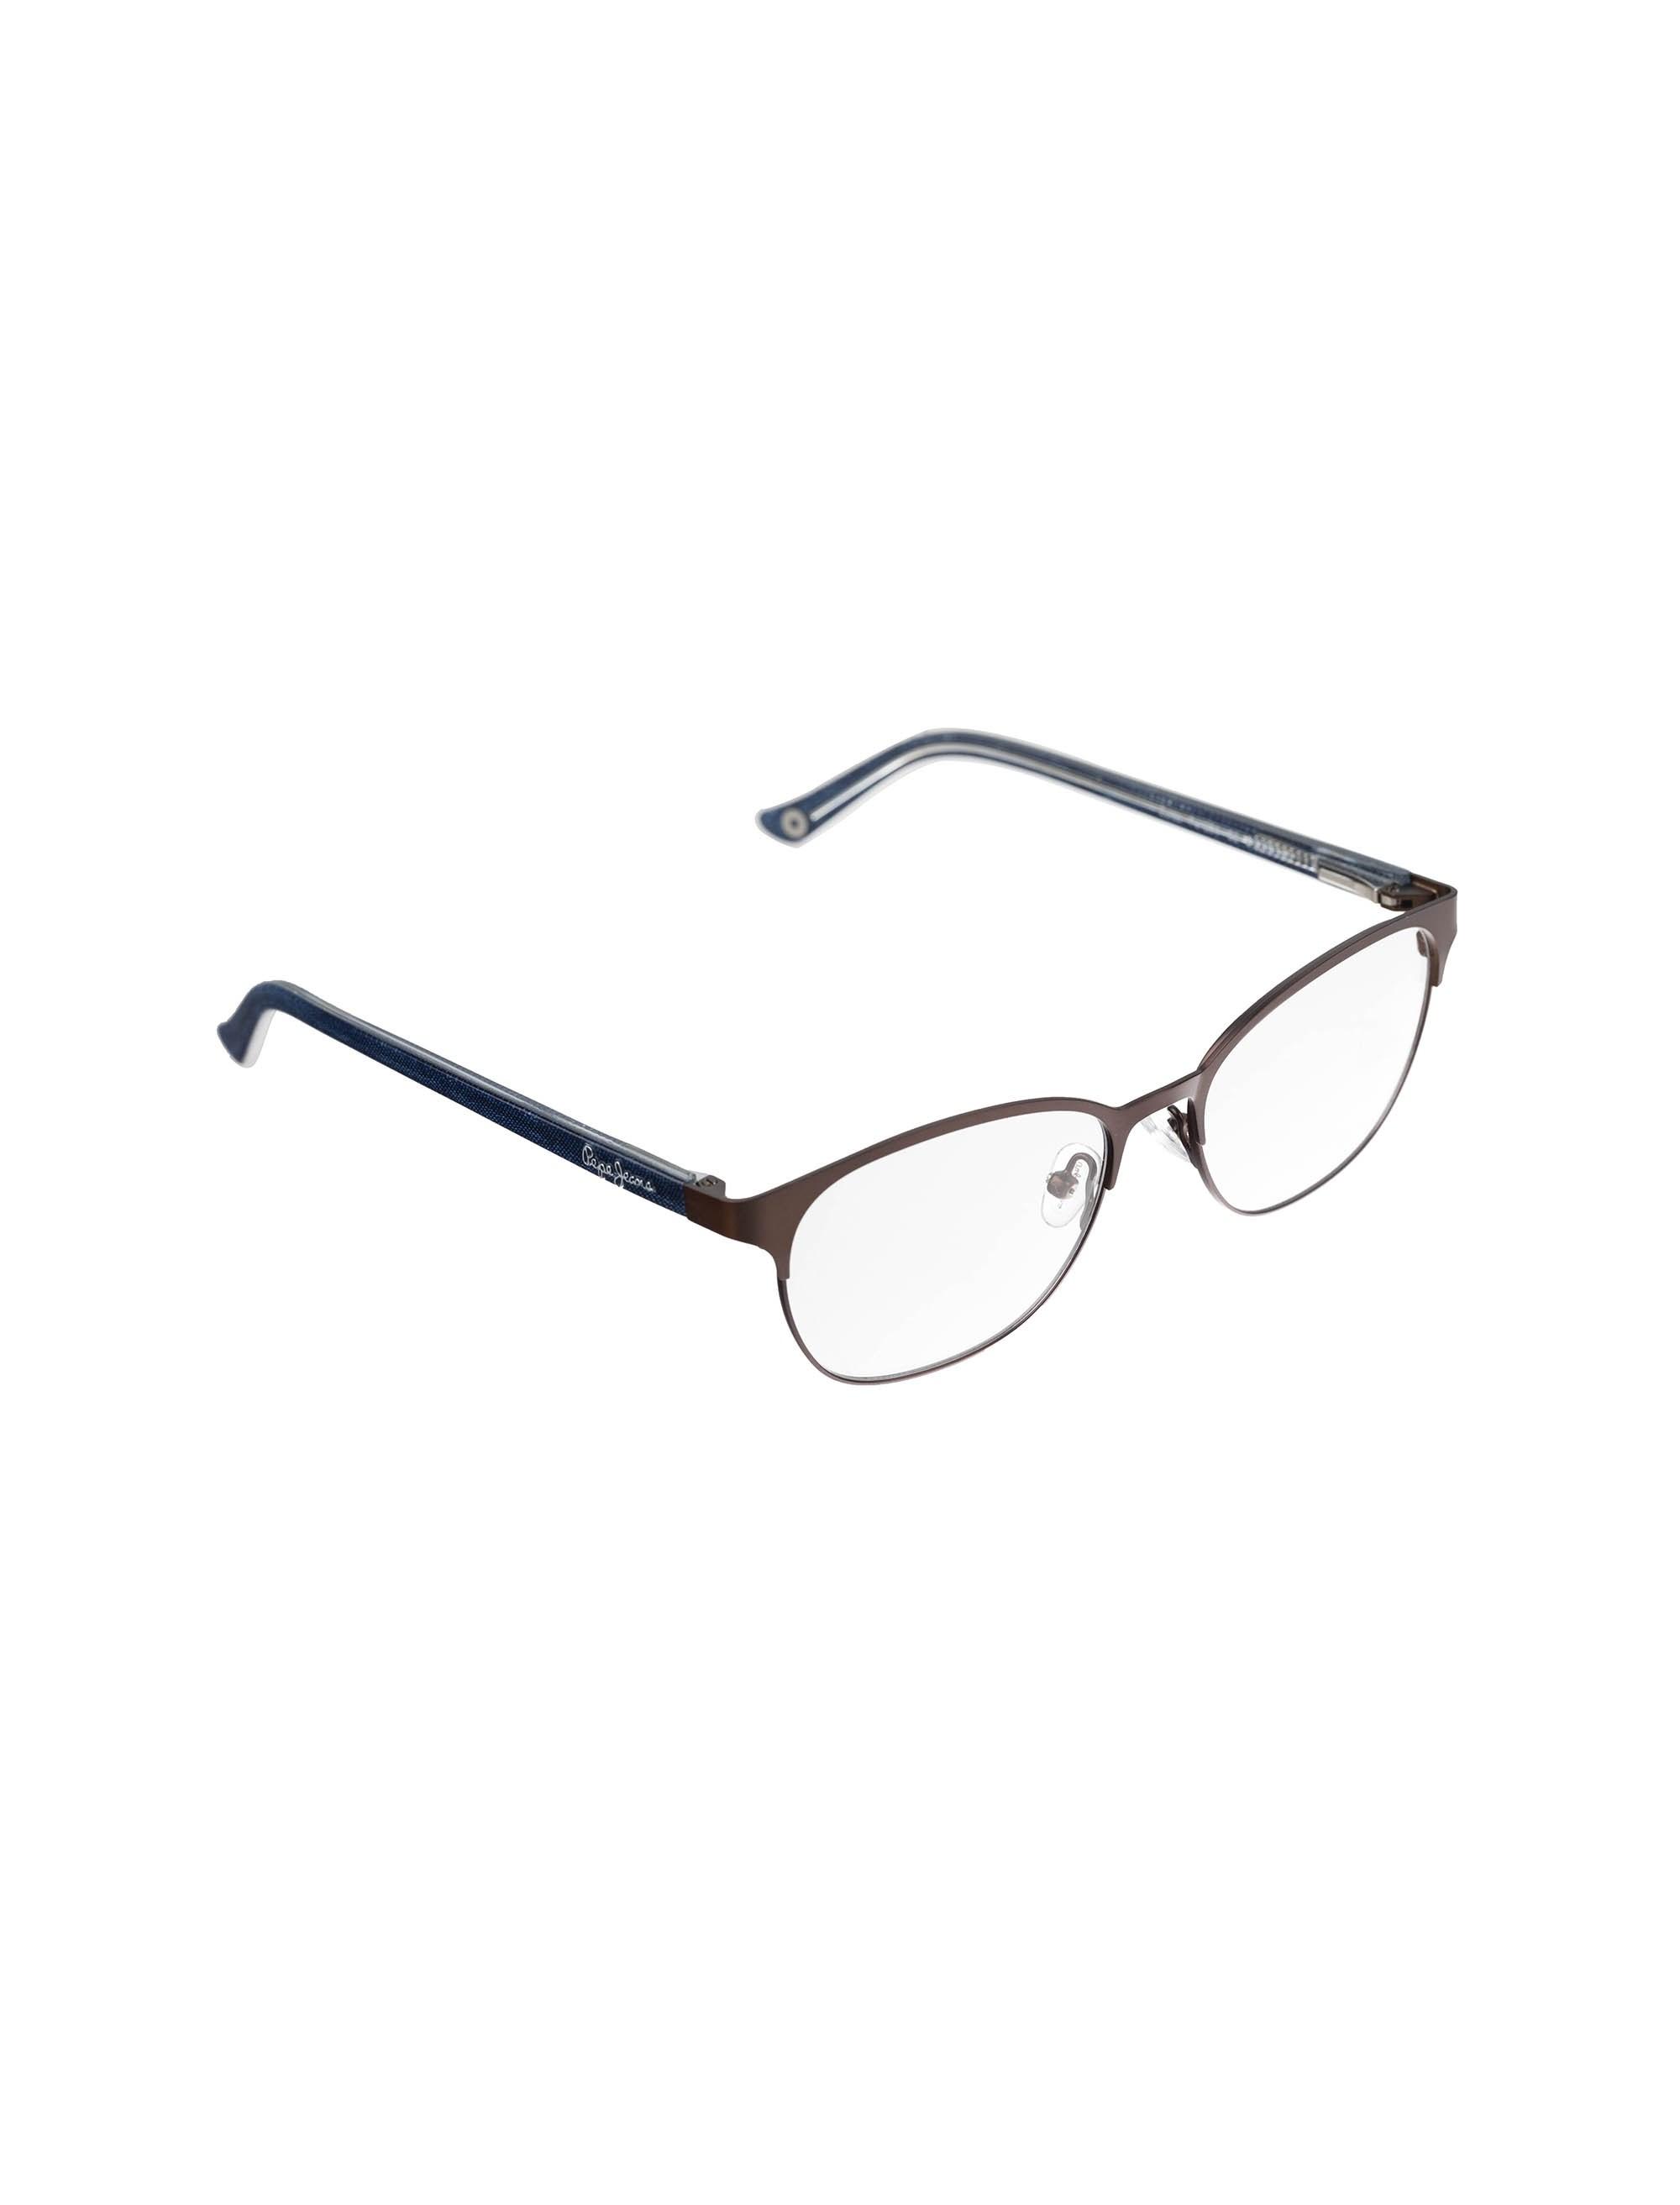 عینک طبی ویفرر زنانه - قهوه اي - 4